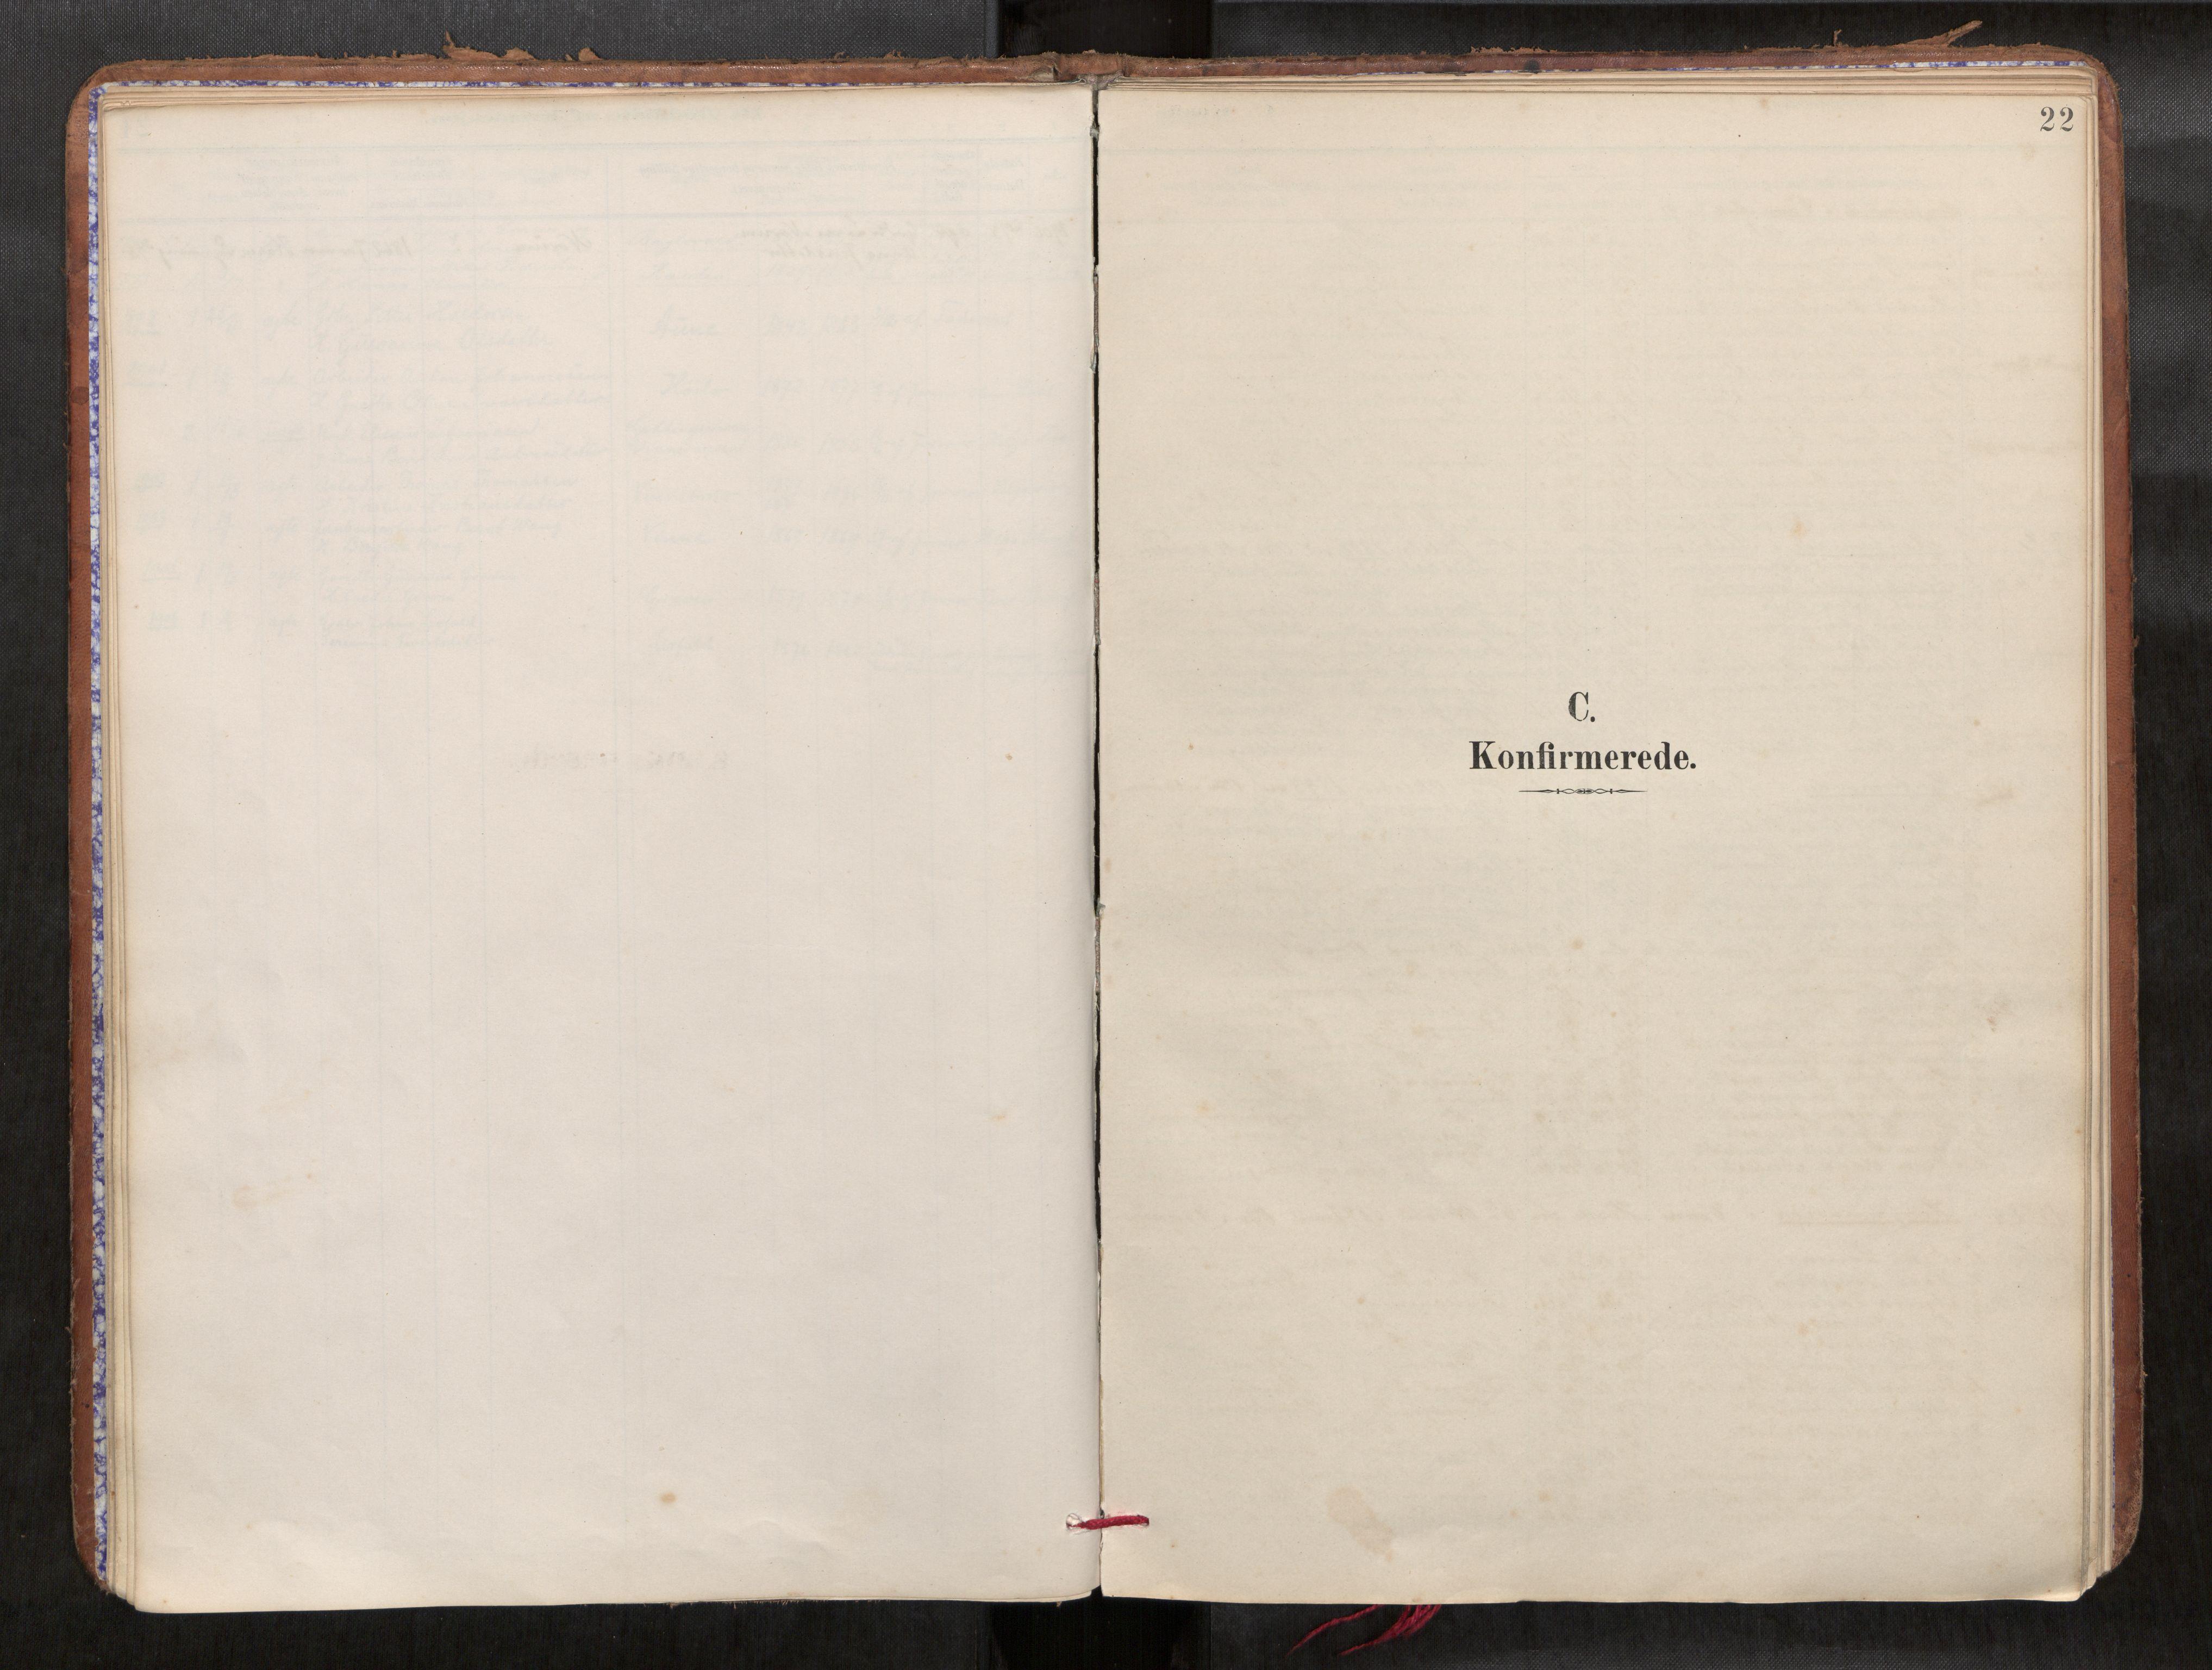 SAT, Verdal sokneprestkontor*, Parish register (official) no. 1, 1891-1907, p. 22